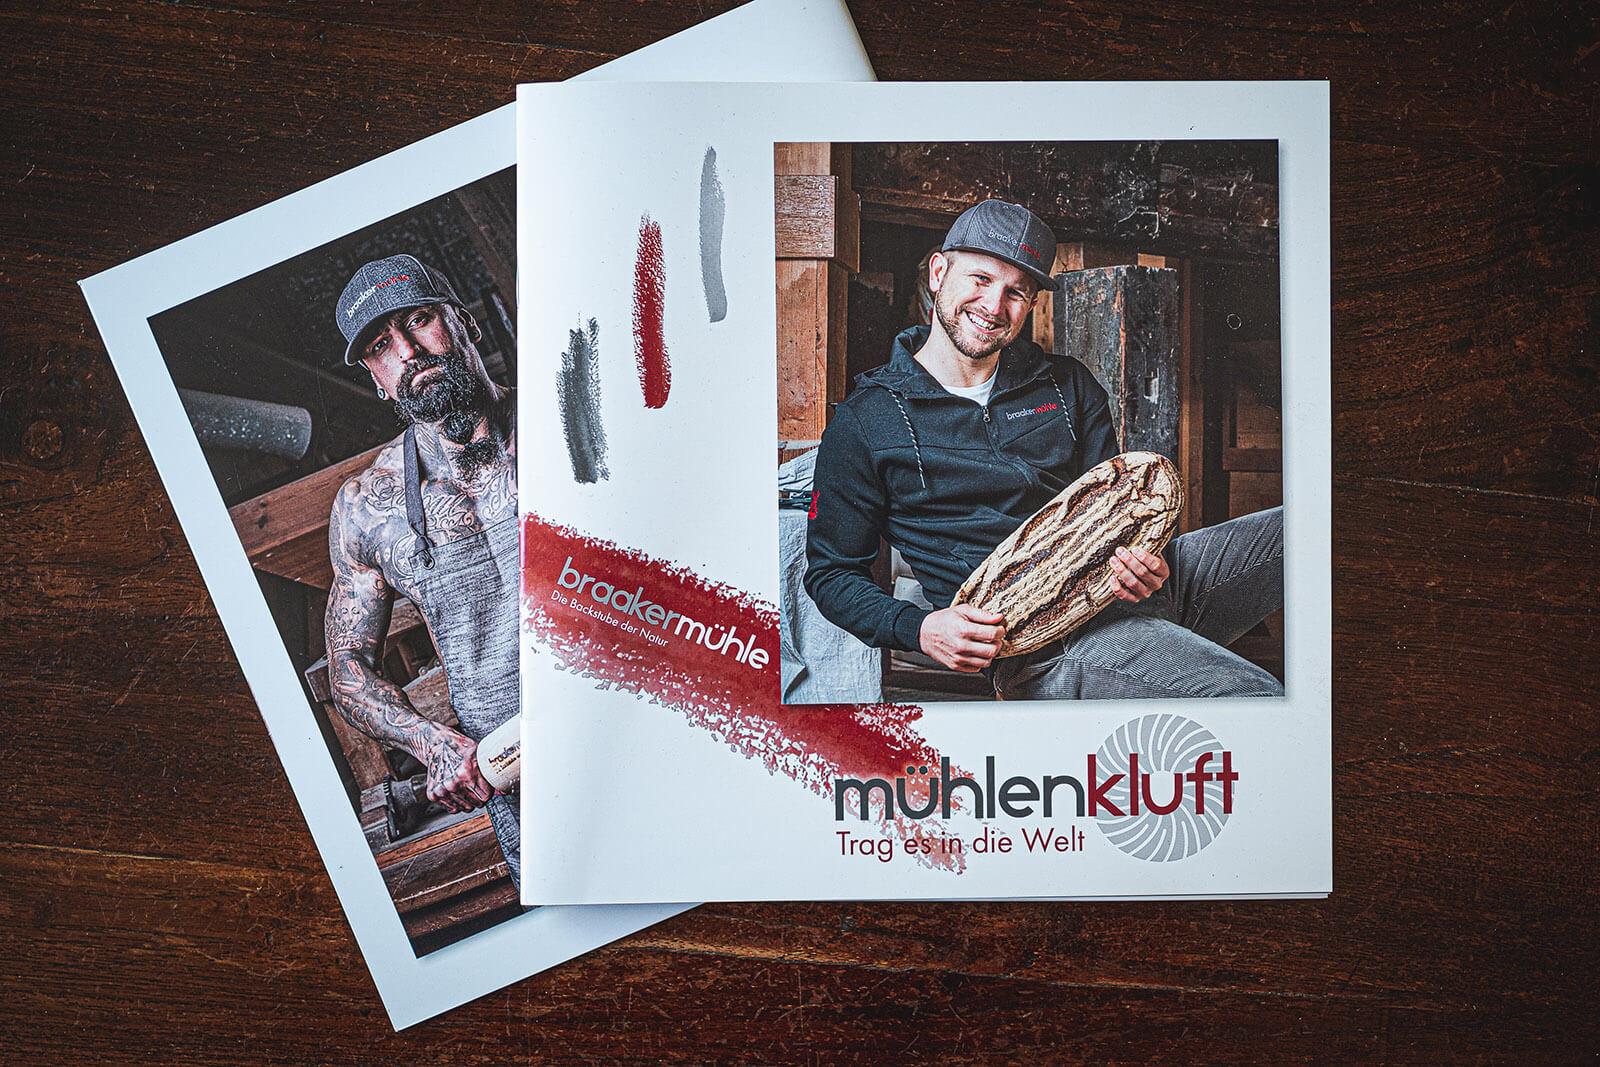 Kartalog der Mühlenkluft mit Fotografien des Hamburger Fotografen Florian Läufer